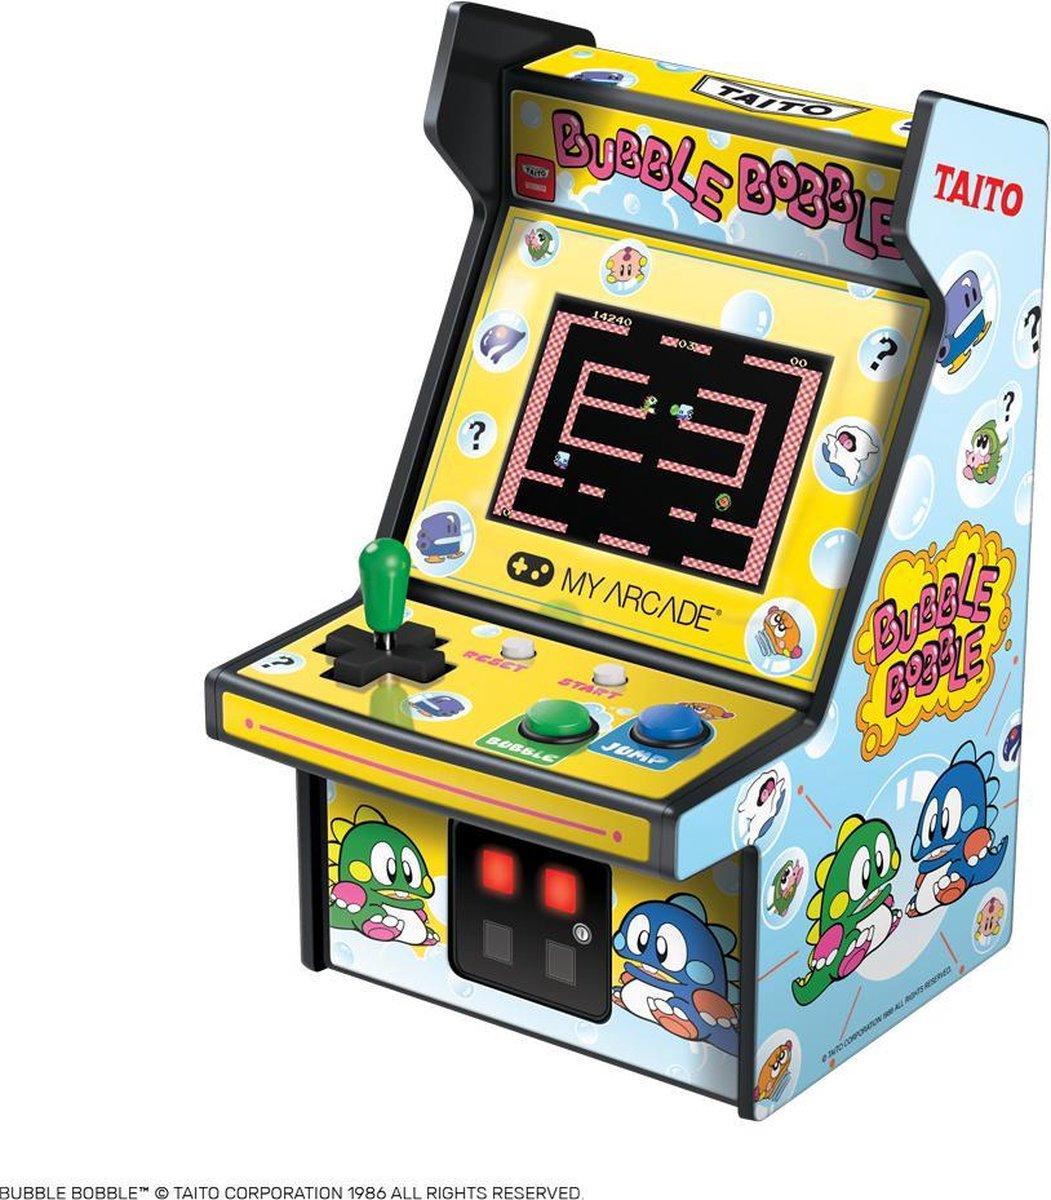 My Arcade - BUBBLE BOBBLE Micro Player